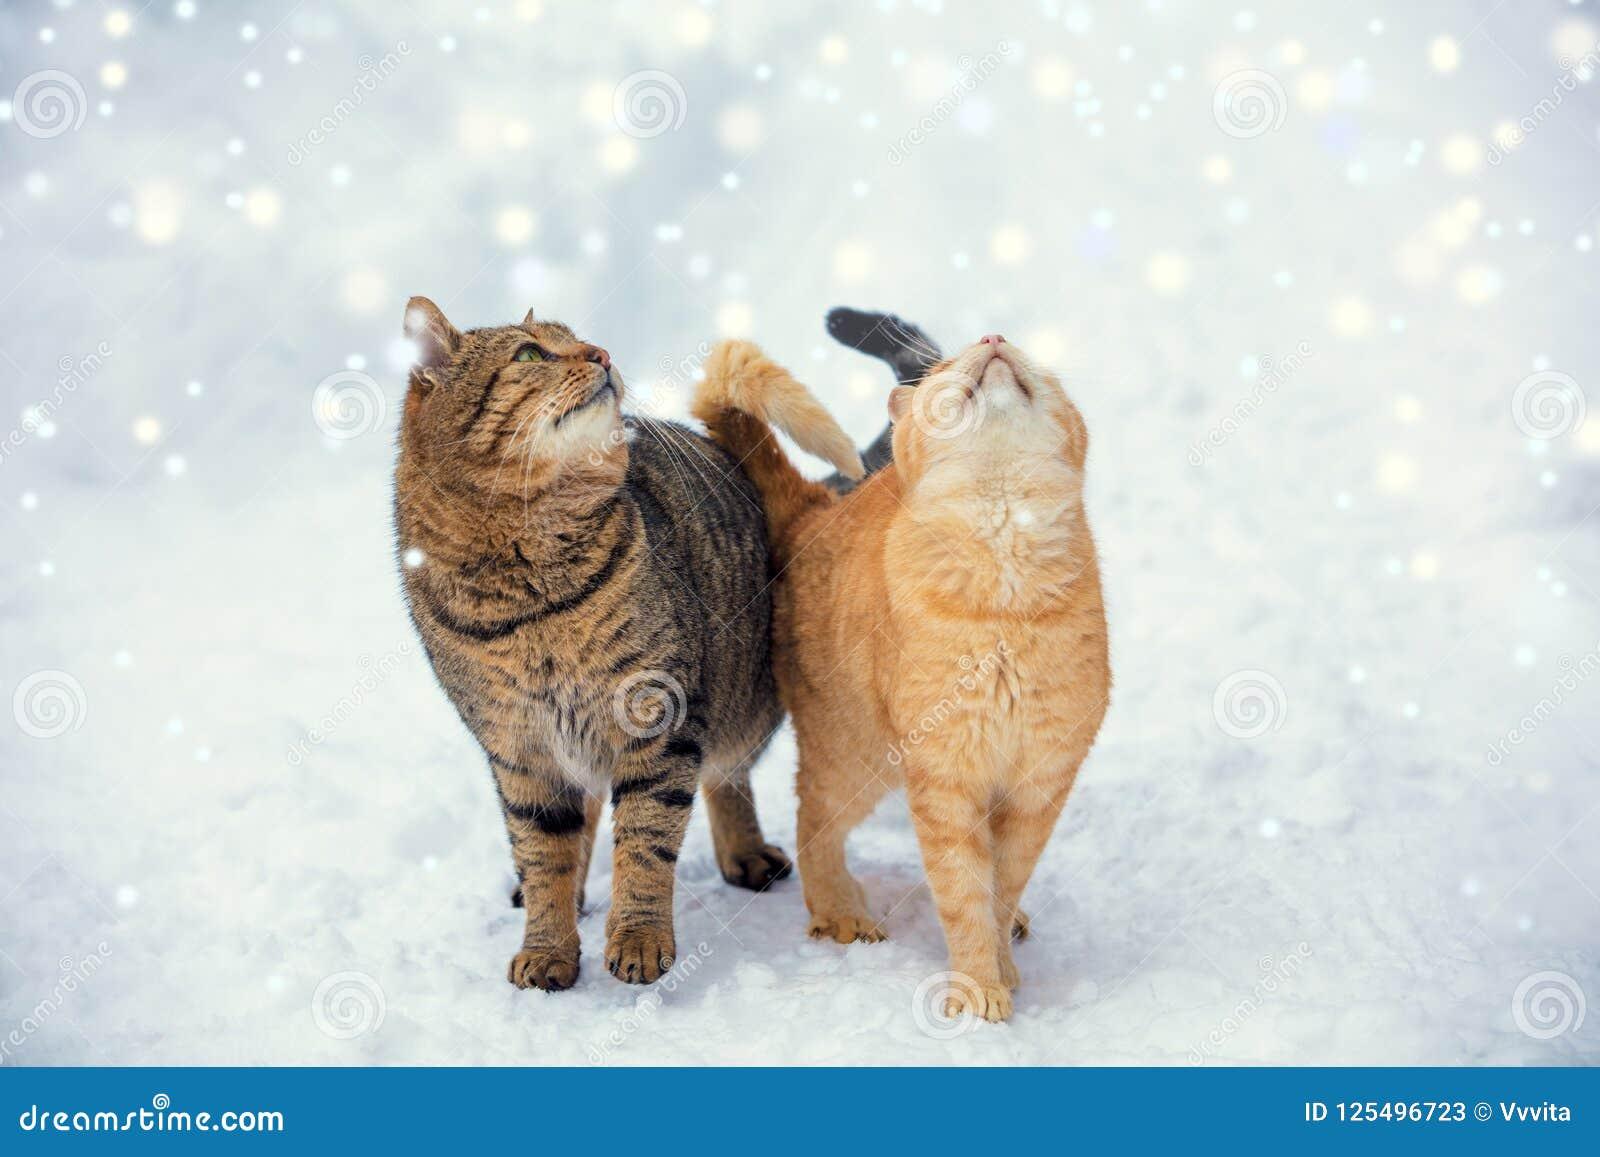 Περίπατος δύο γατών στο χιόνι κατά τη διάρκεια χιονοπτώσεων